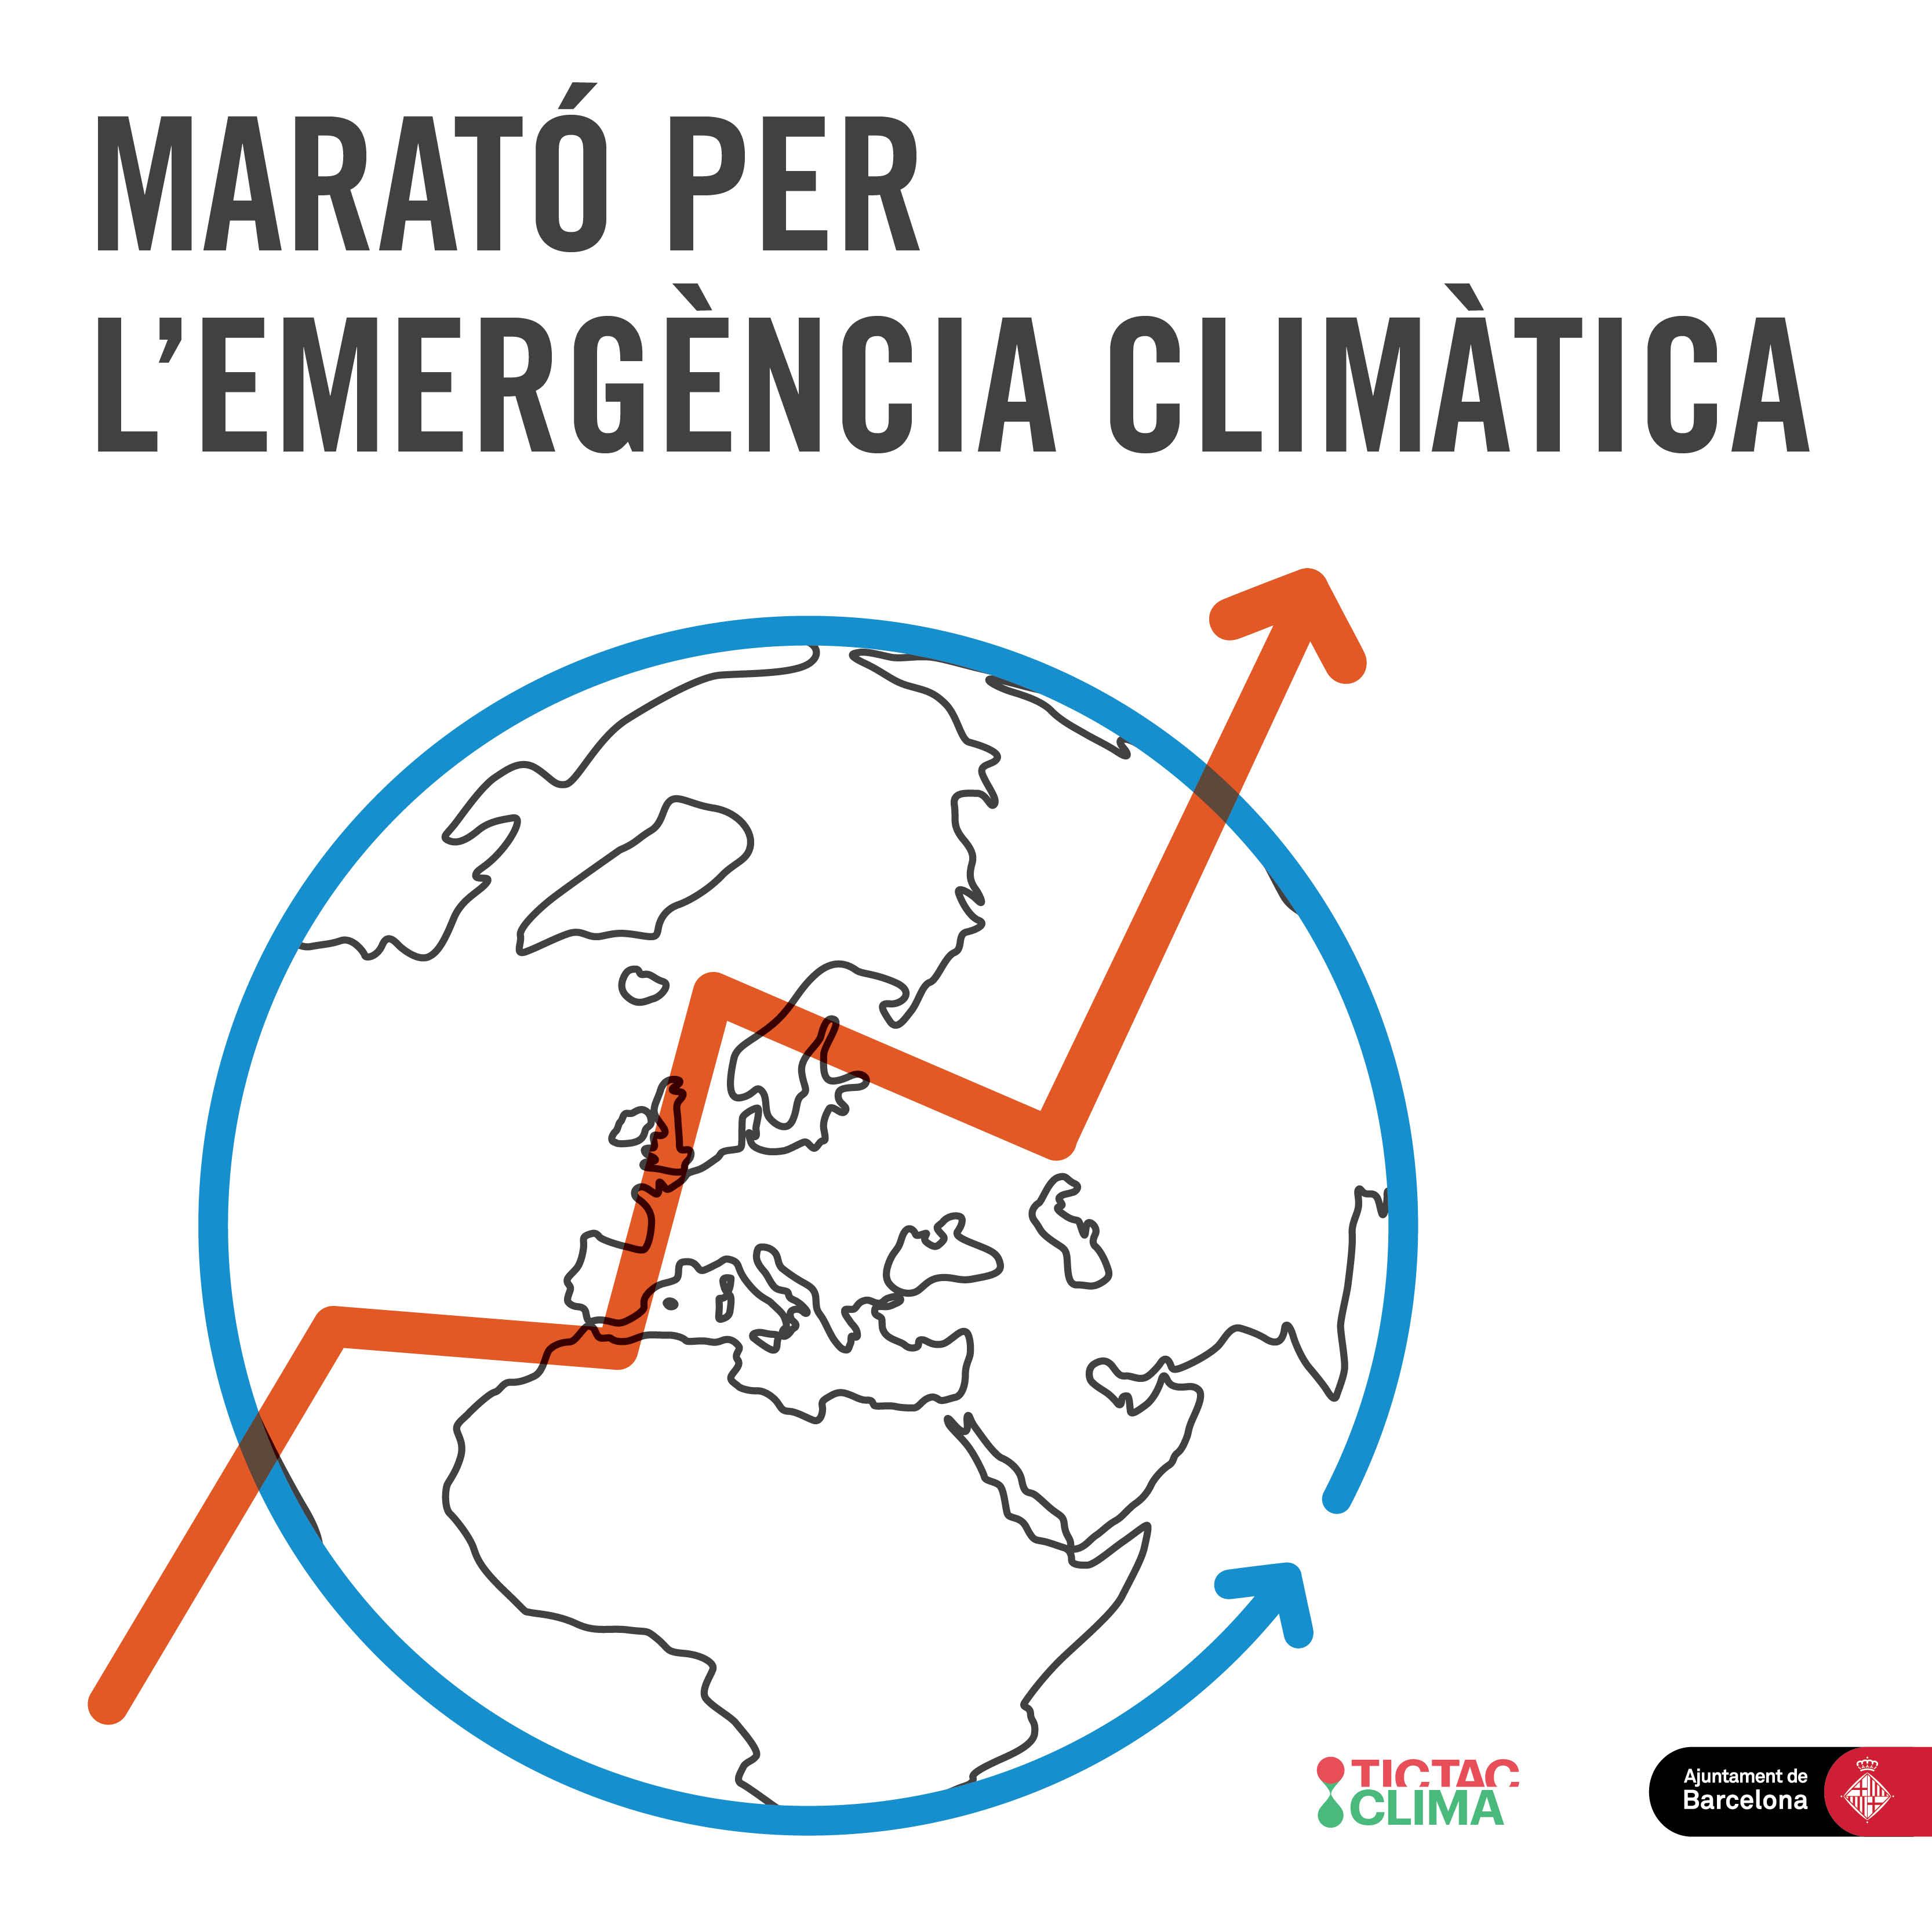 Marató per l'emergència climàtica